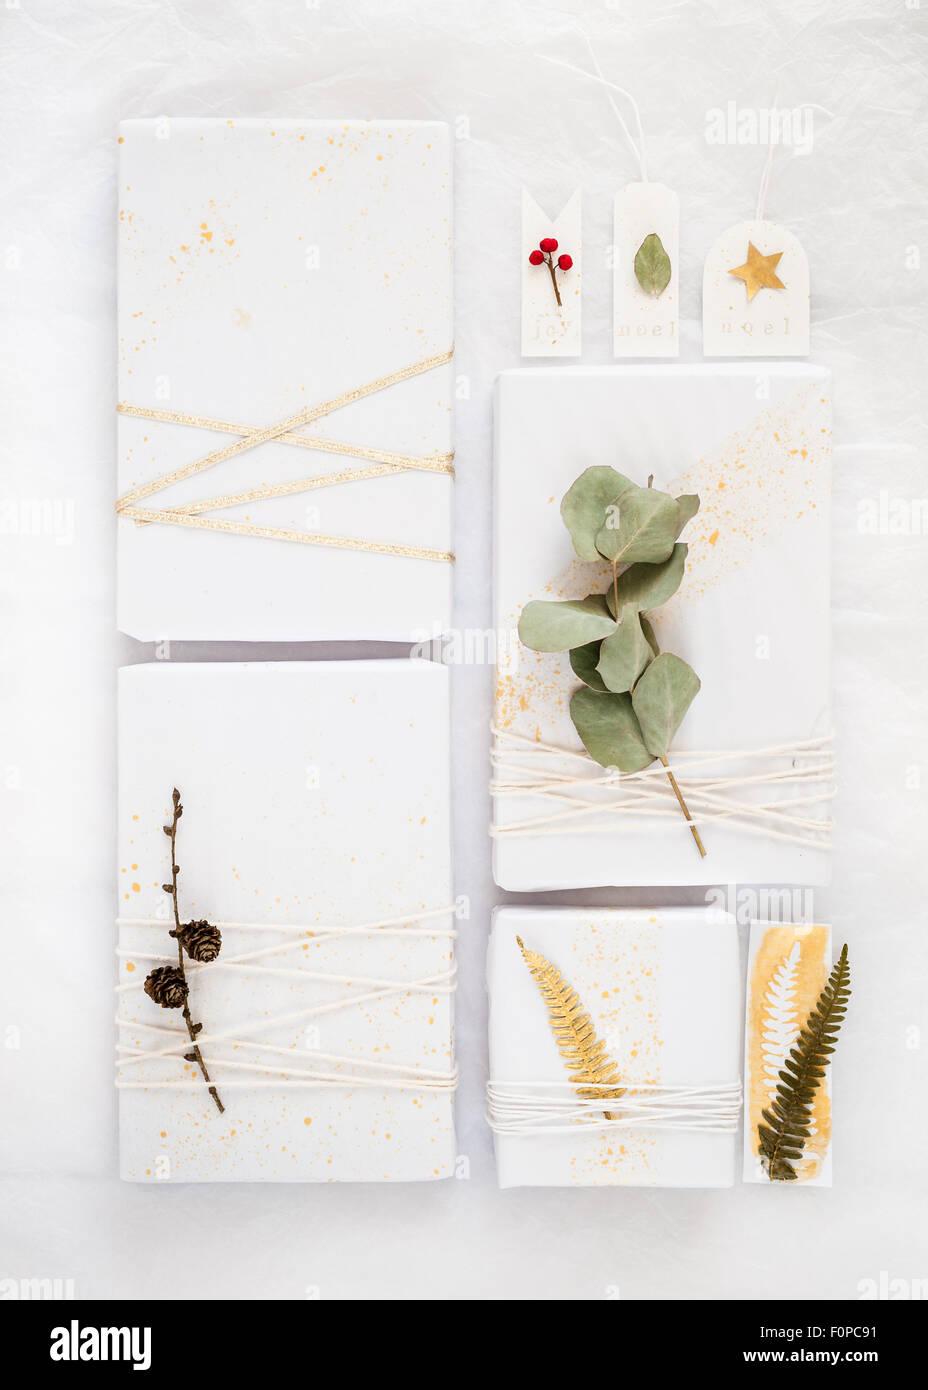 4 différents emballages créatifs idées faite avec du papier de soie blanc éclaboussé de Photo Stock